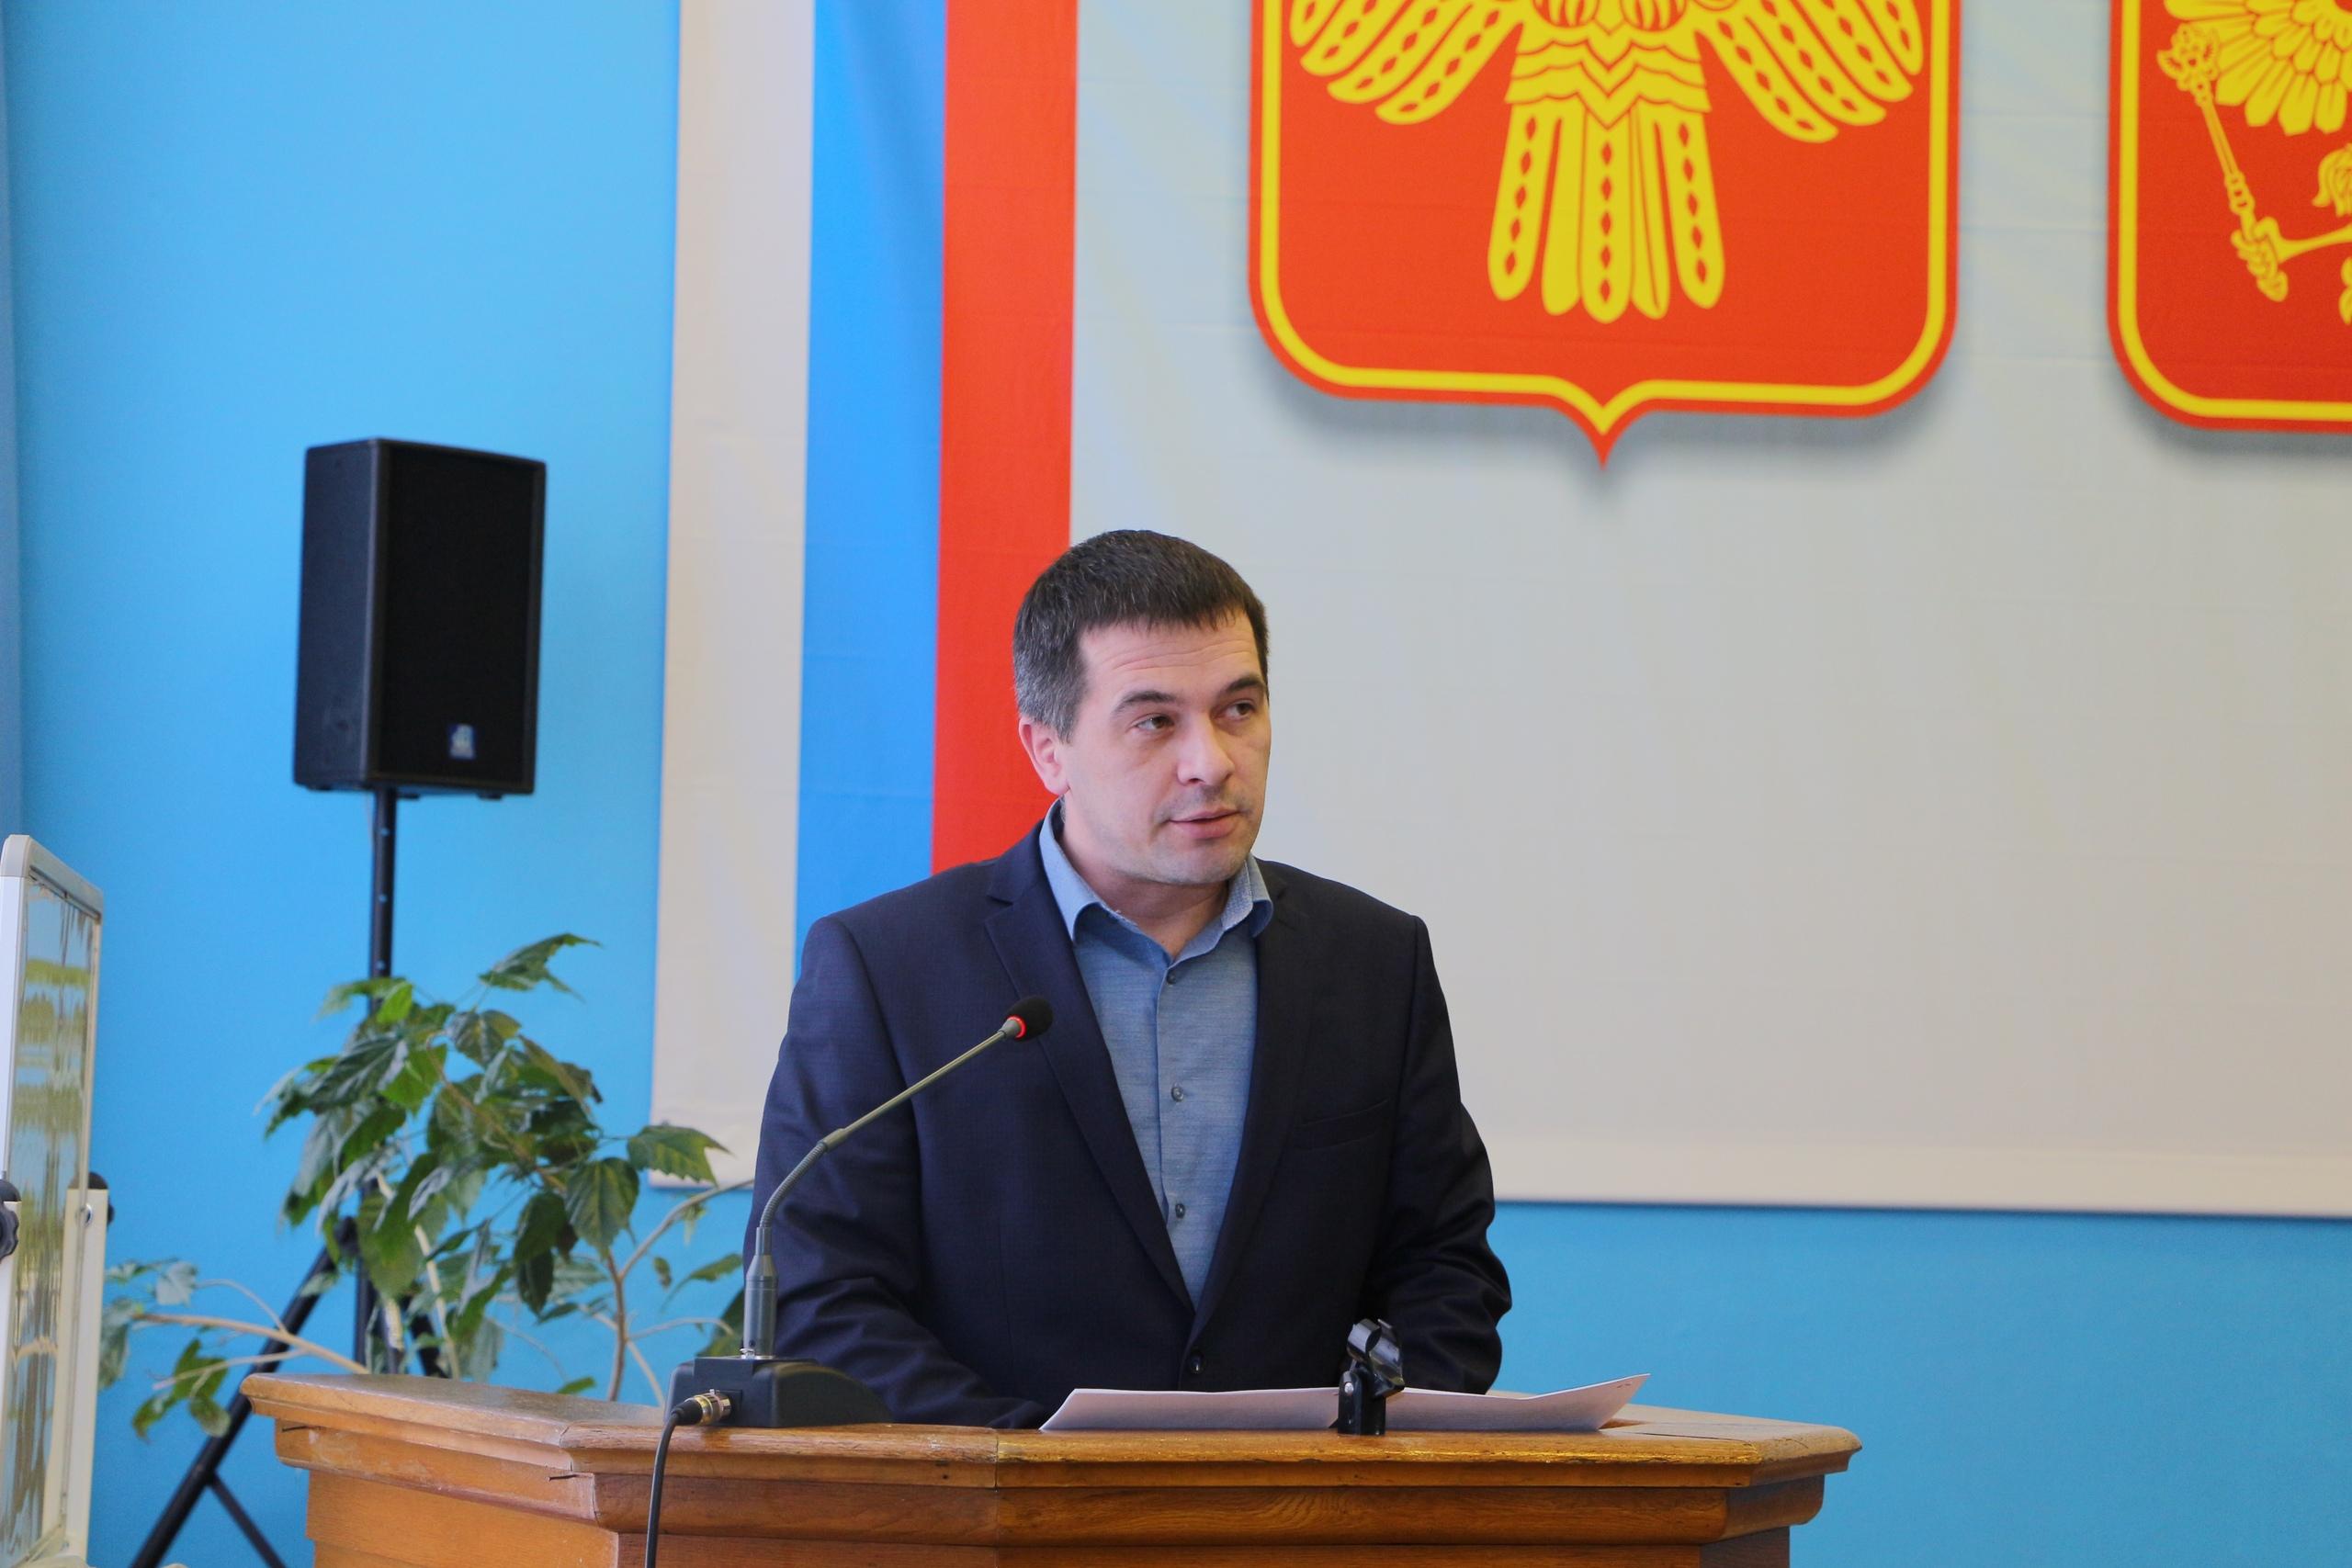 Сегодня состоялось первое в 2020 году заседание Совета МР Удорский